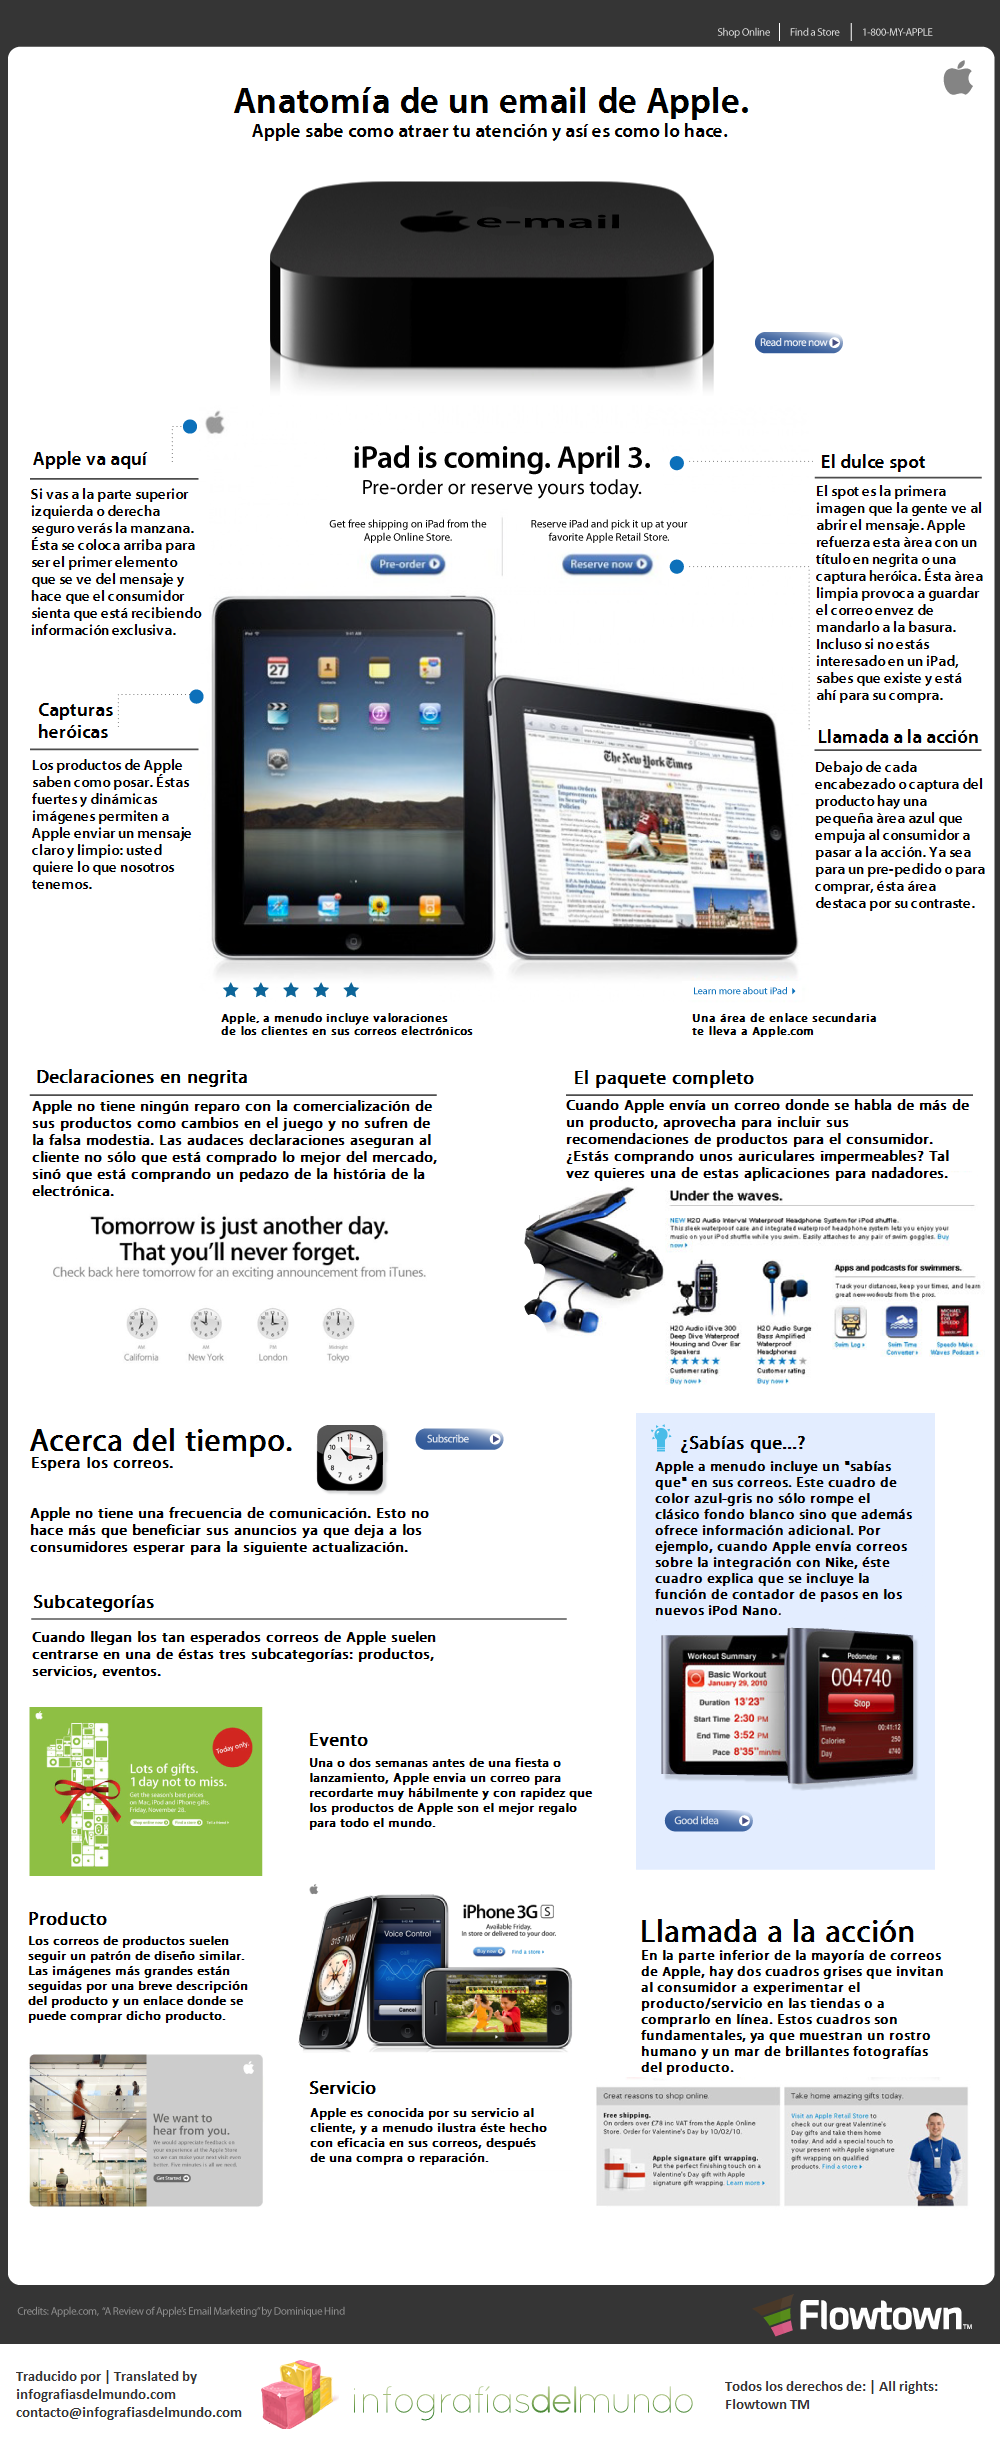 Anatomía de un email de Apple #infografia #infographic | Infografías ...